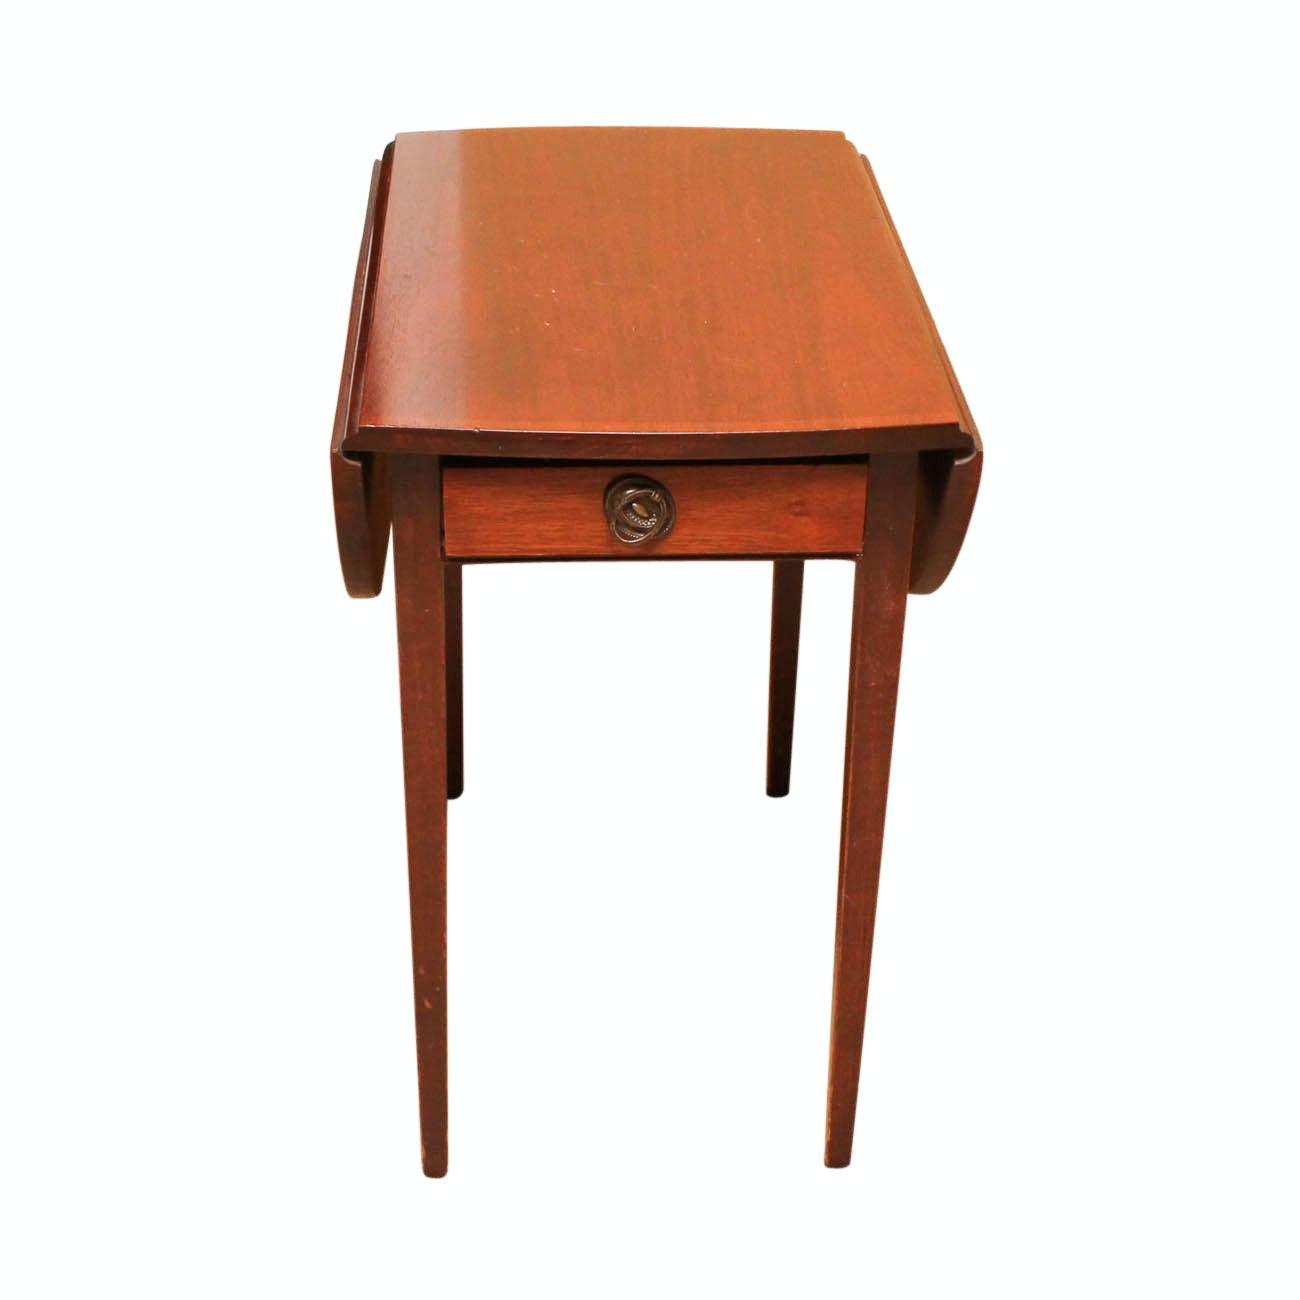 Vintage Drop-Leaf Accent Table